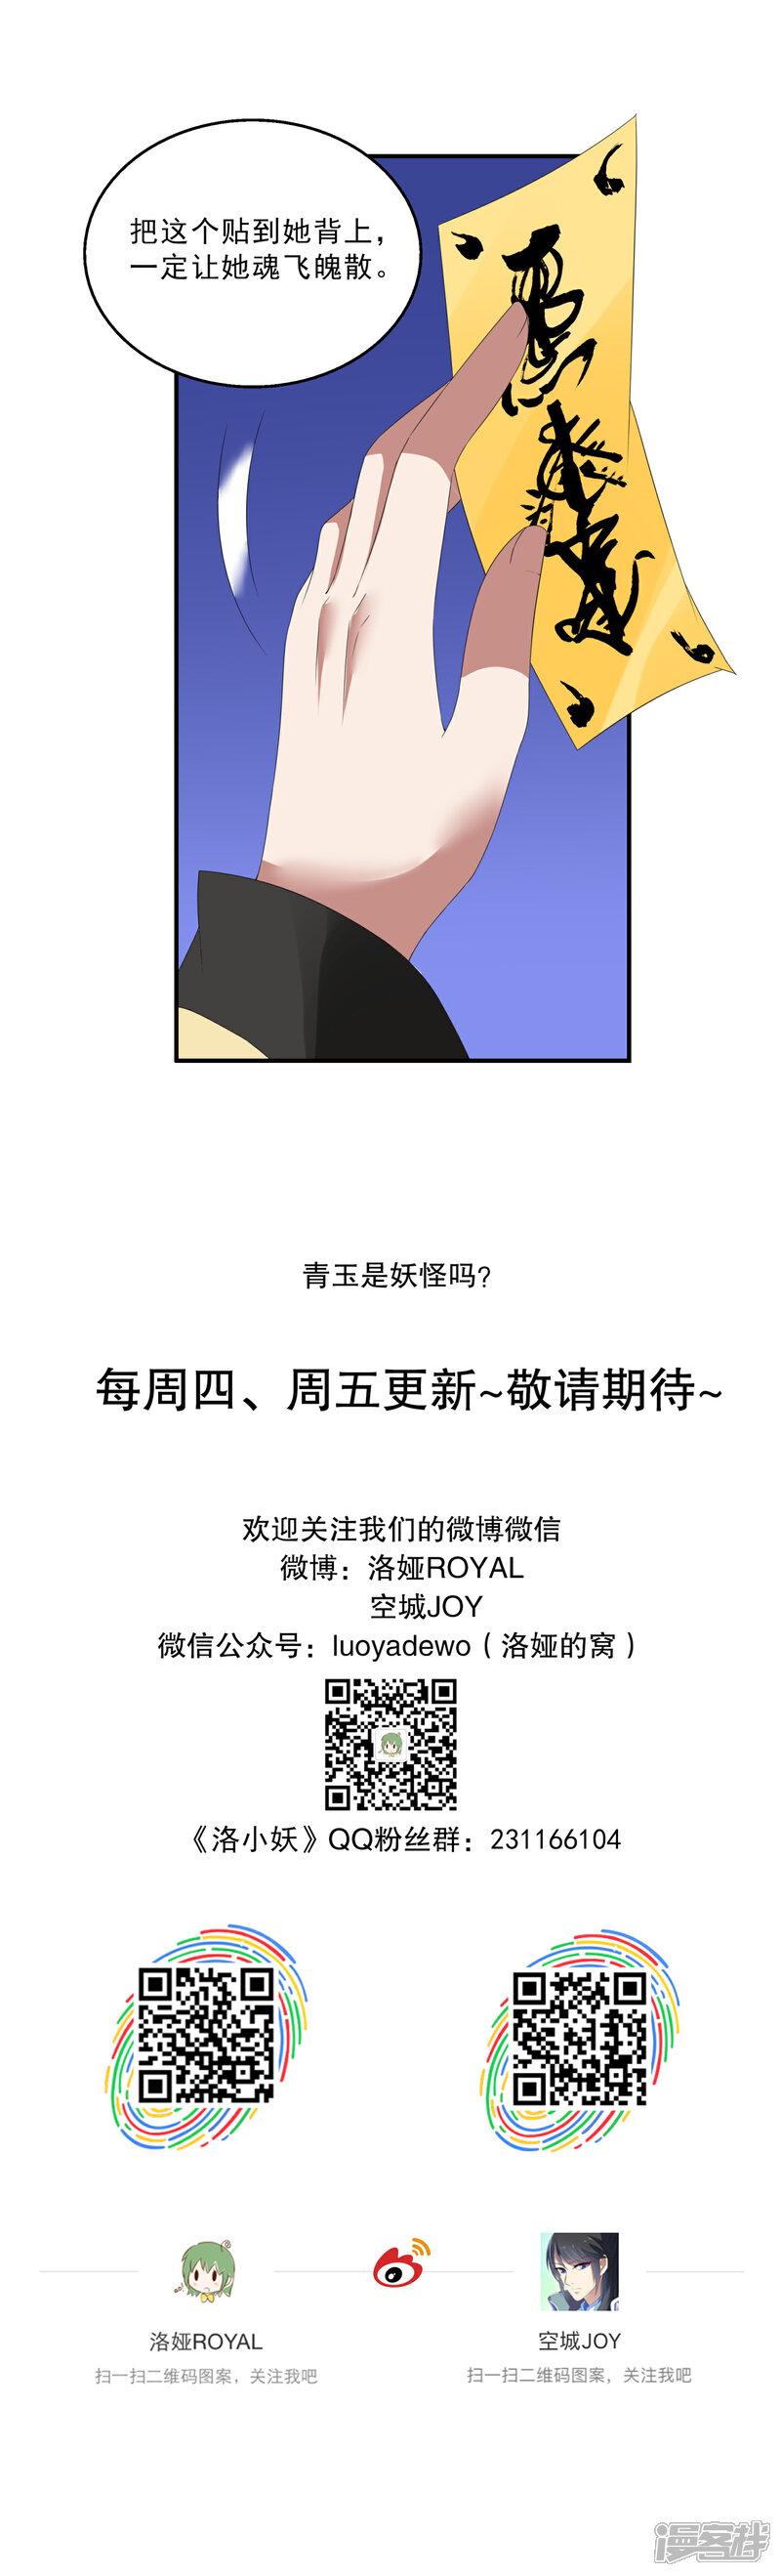 洛小妖139 (8).JPG